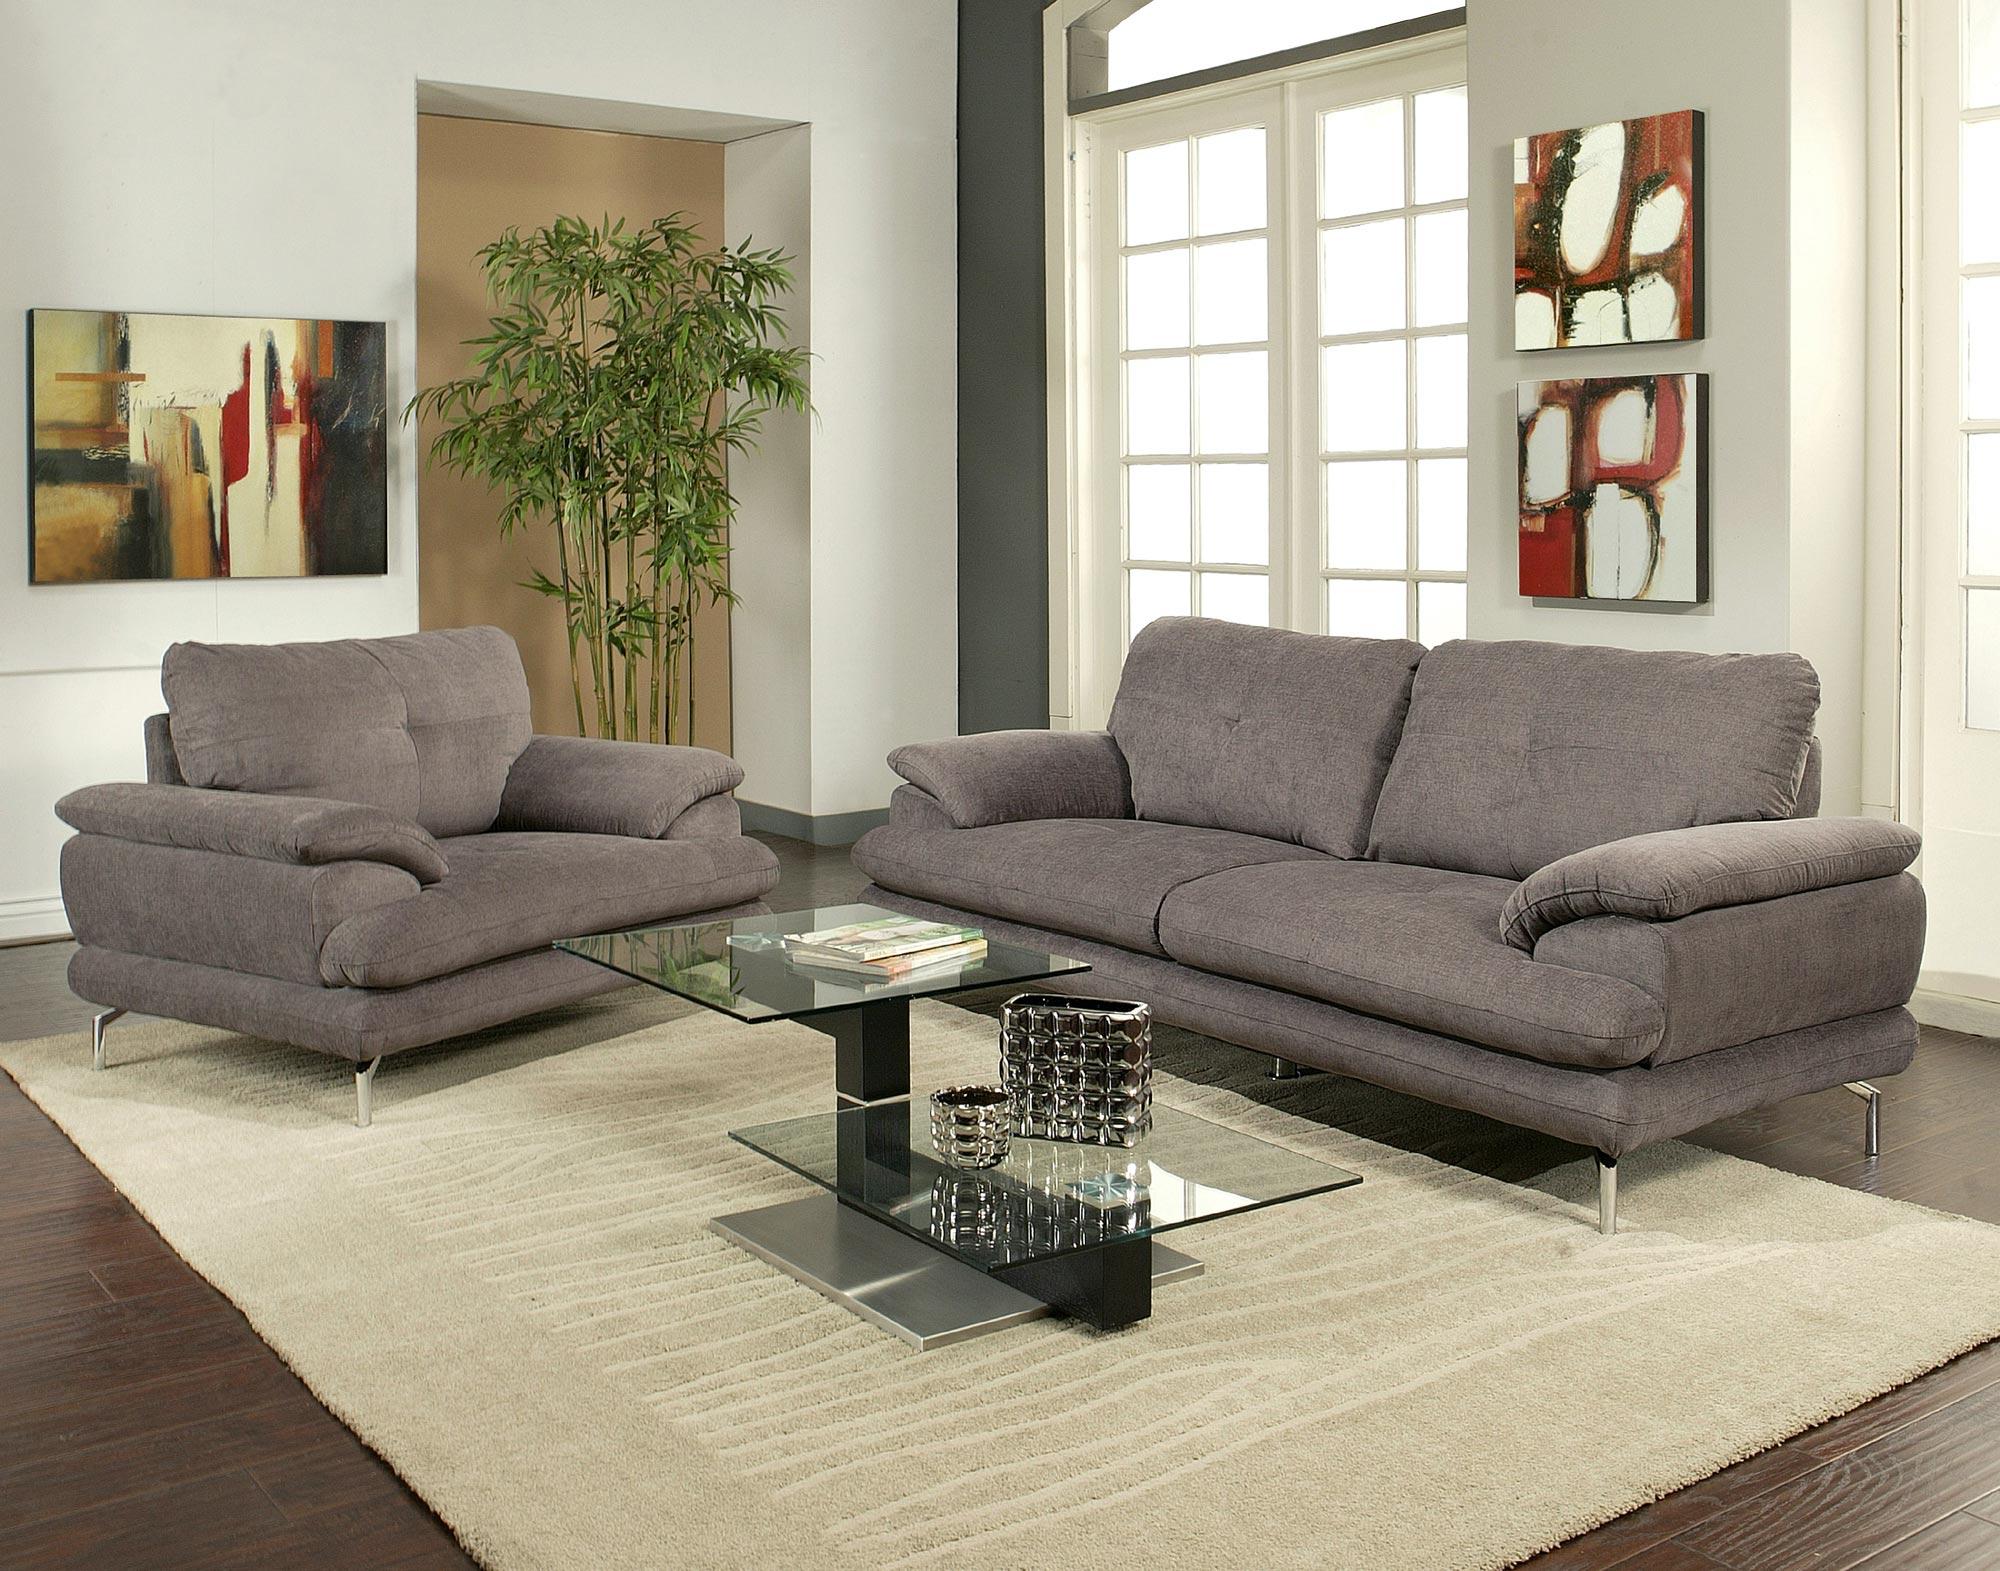 Коричневый угРовой диван с рисунками цветов в интерьере гостиной в